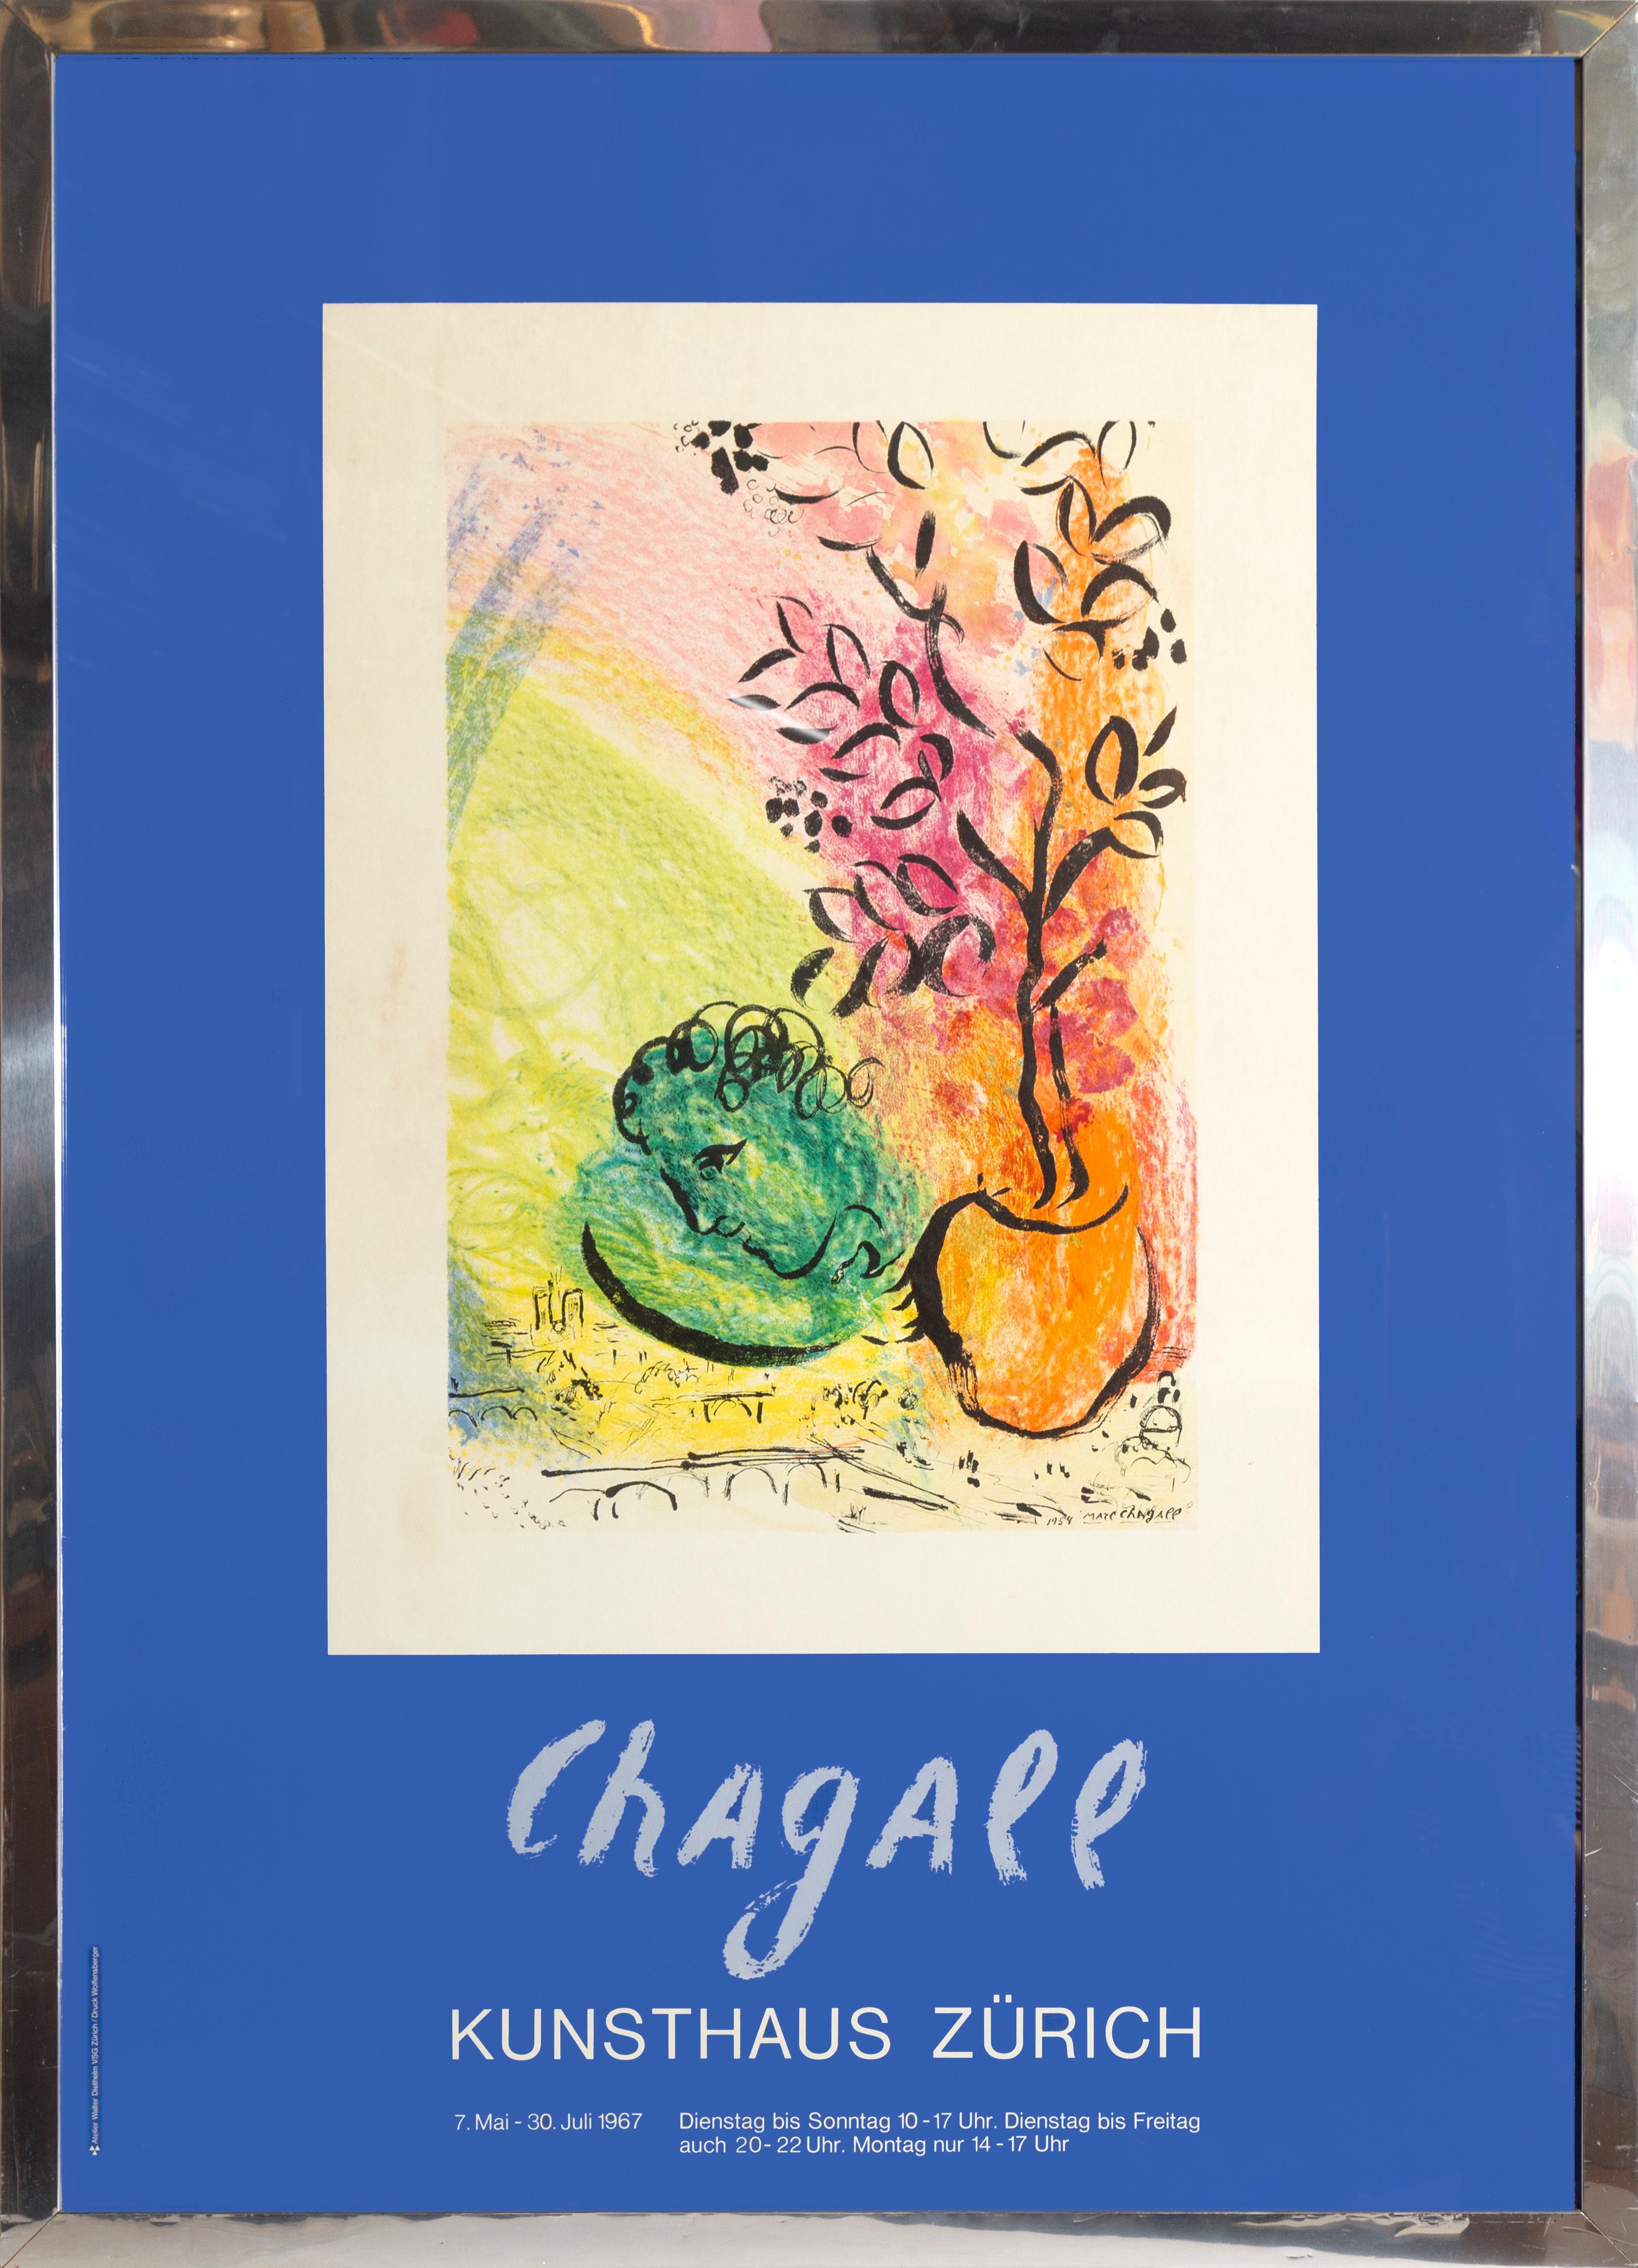 Chagall at Kunsthaus Zurich, 1967